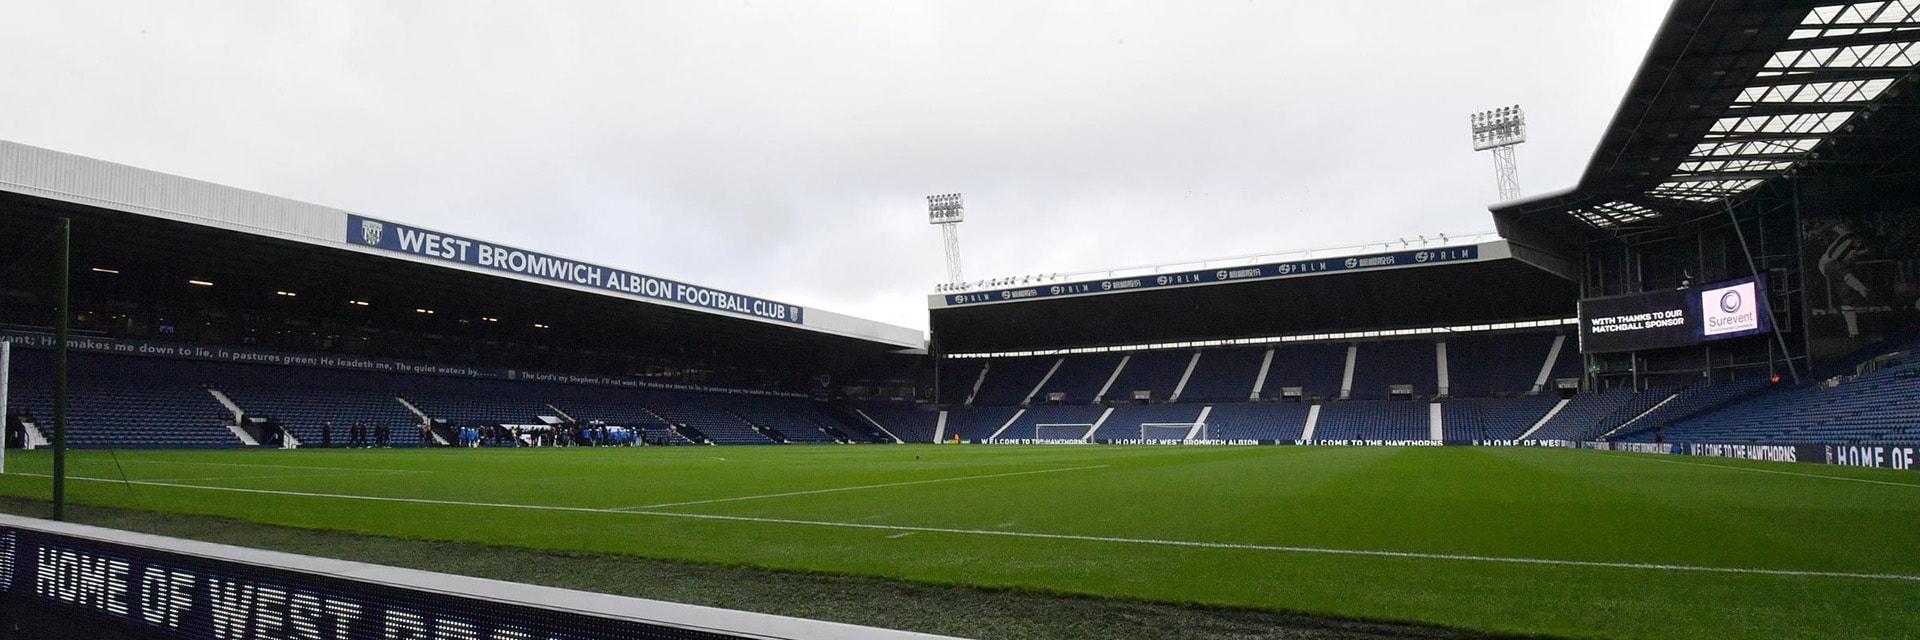 West Bromwich Albion - Ipswich Town, 6 maartom 15:00